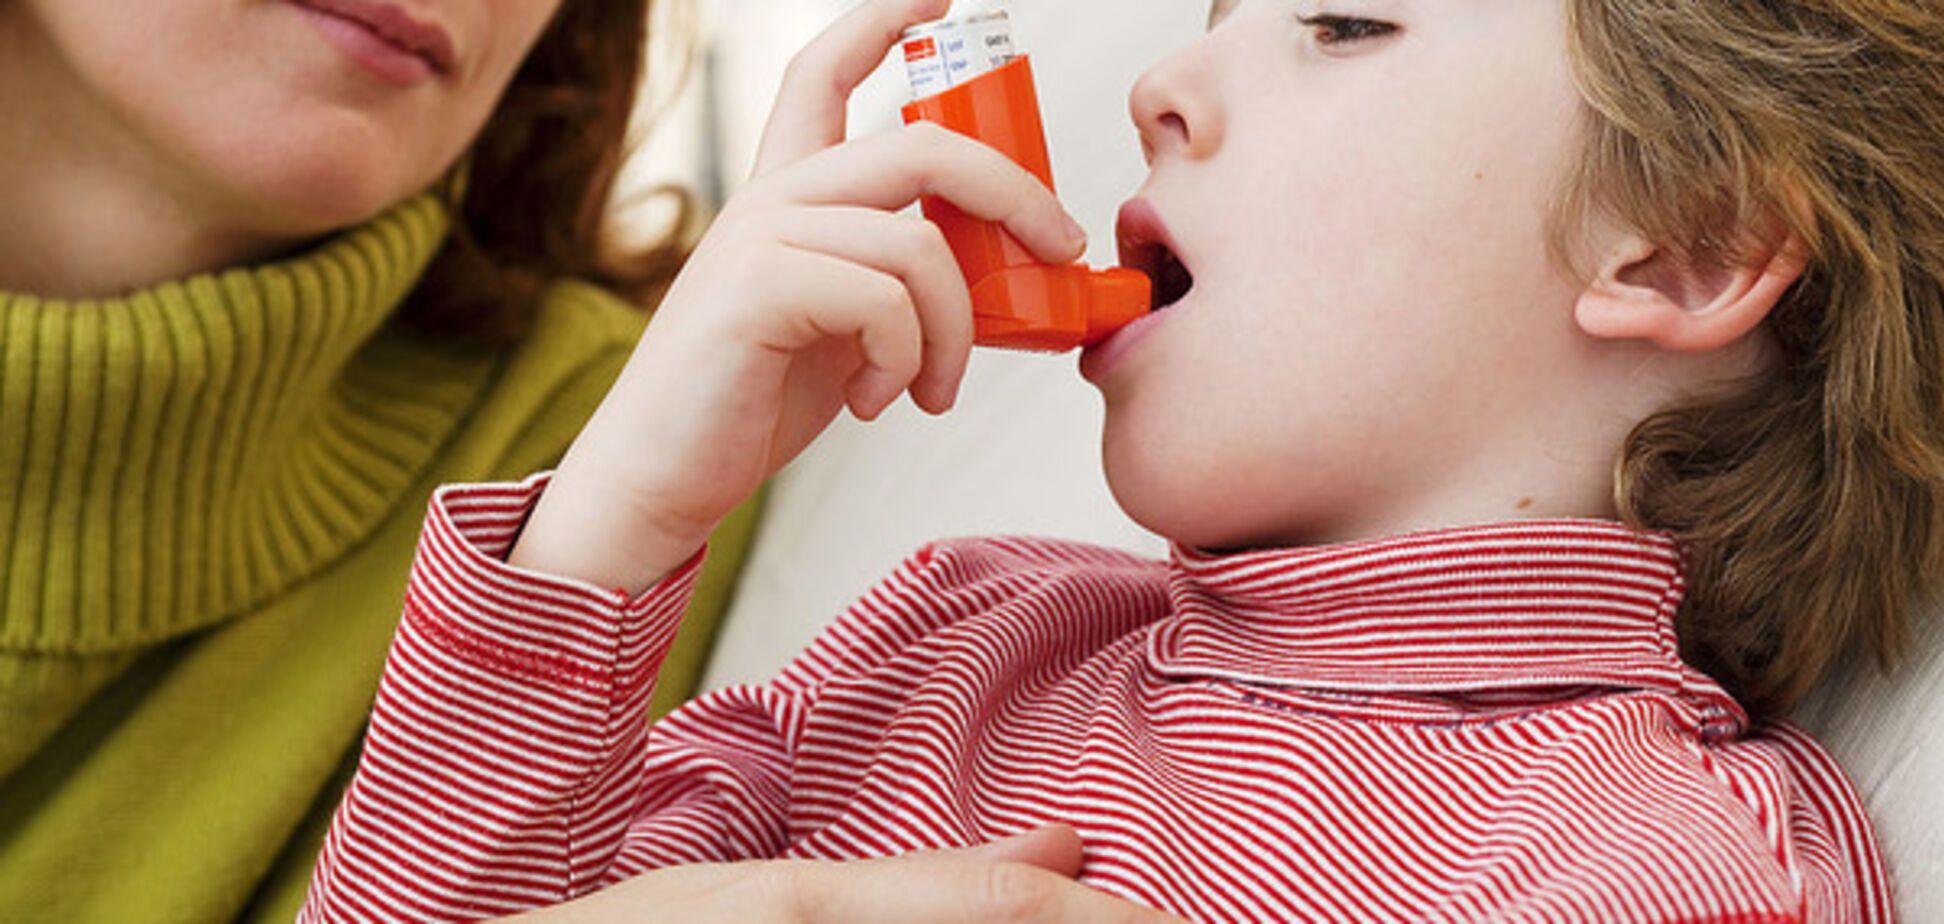 Астма у ребенка: советы родителям по выявлению признаков и управлению состоянием